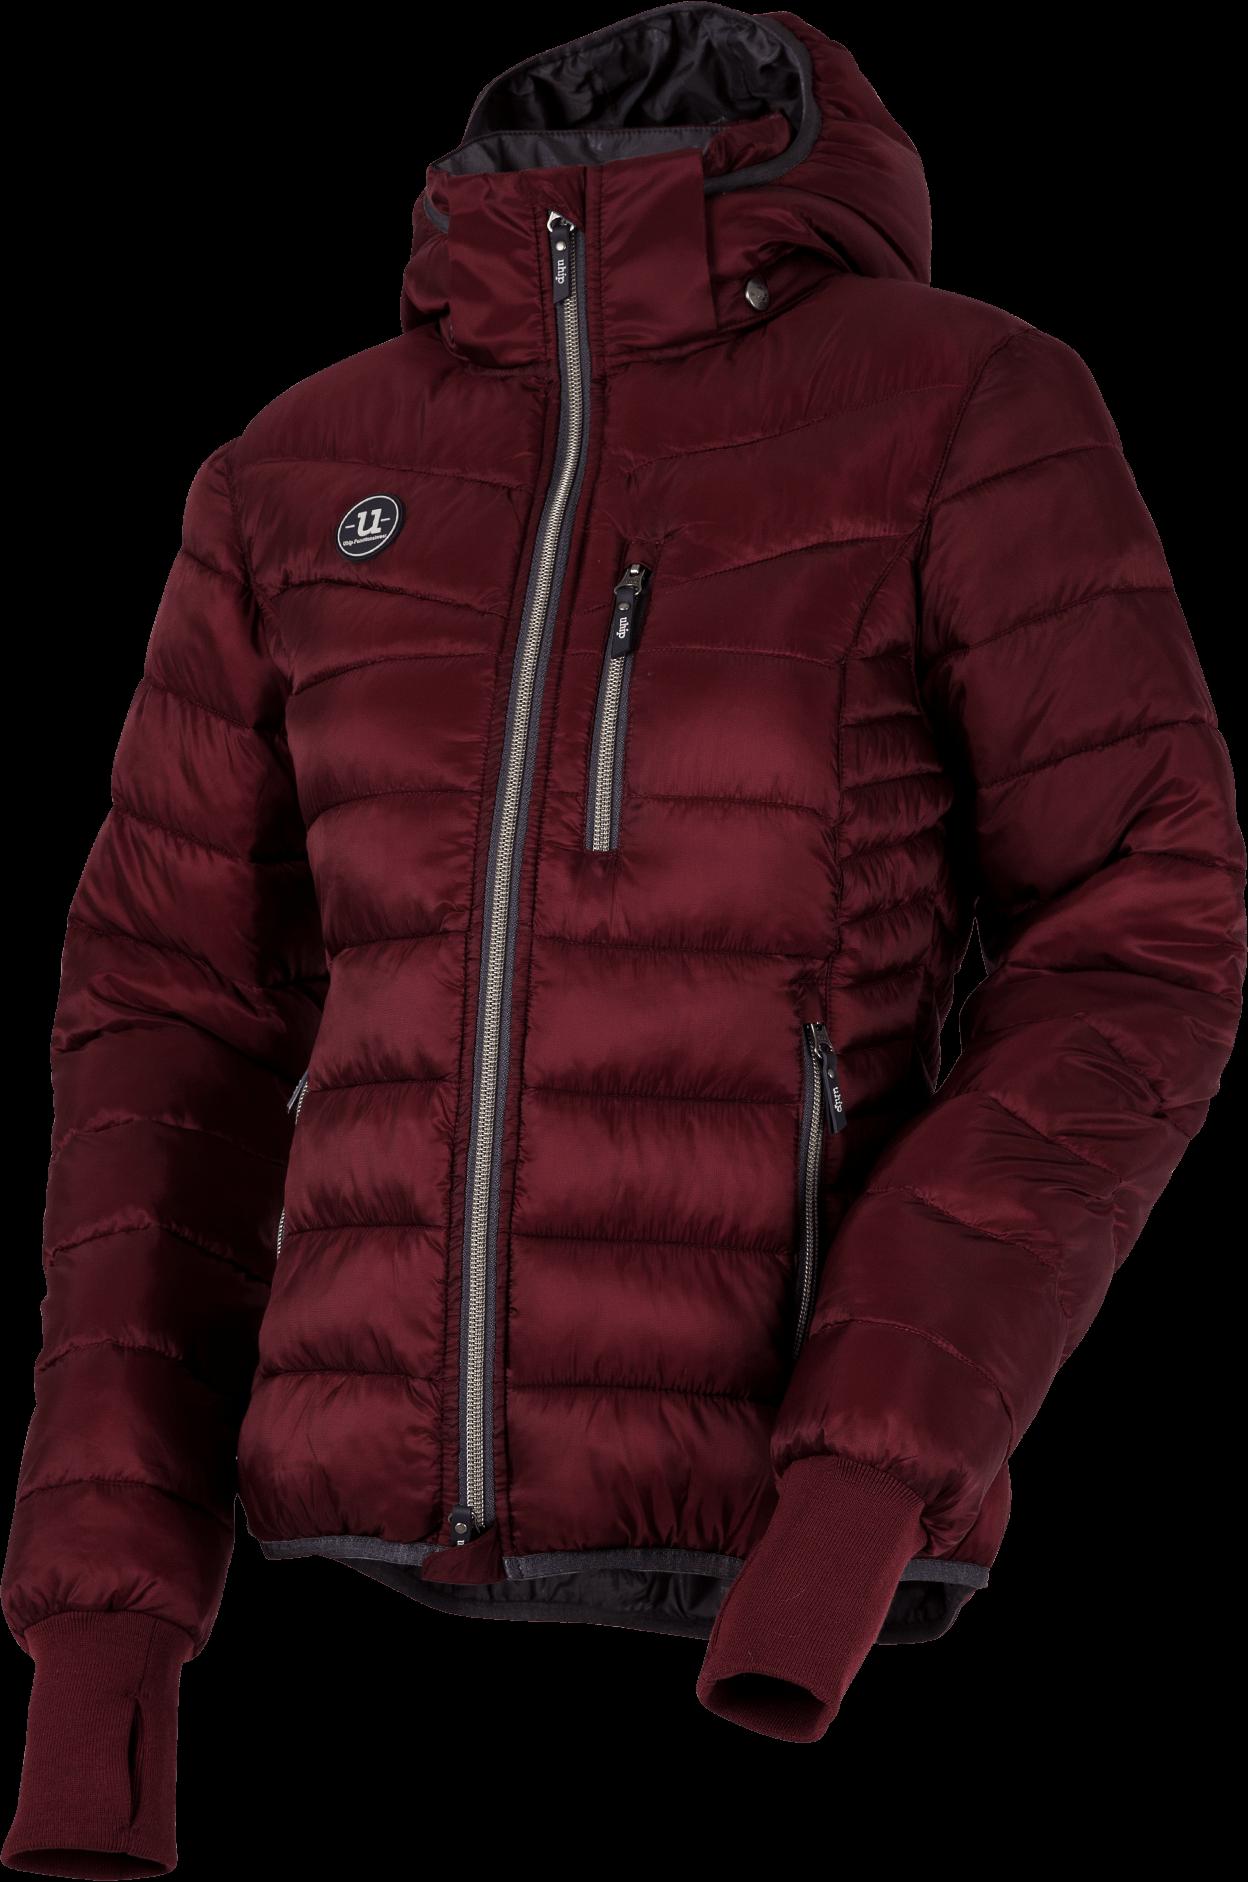 UHIP Jacket 365+ Zinfandel Red3